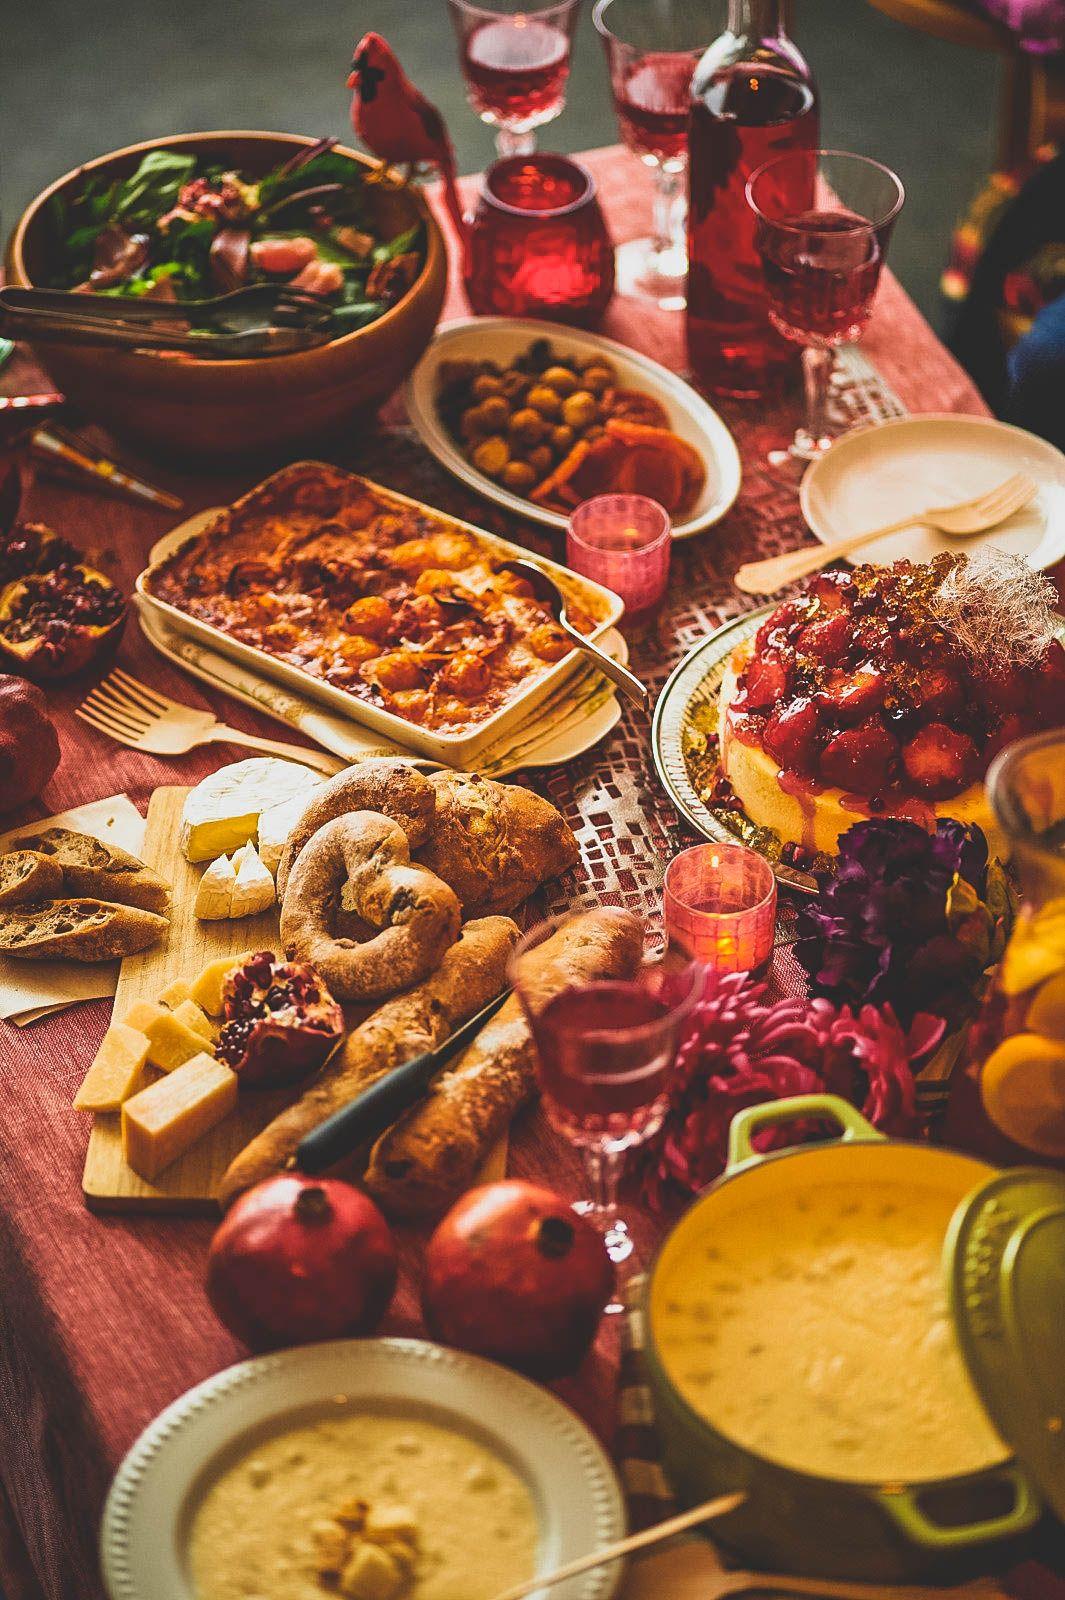 thanksgivingBlog2020.jpg